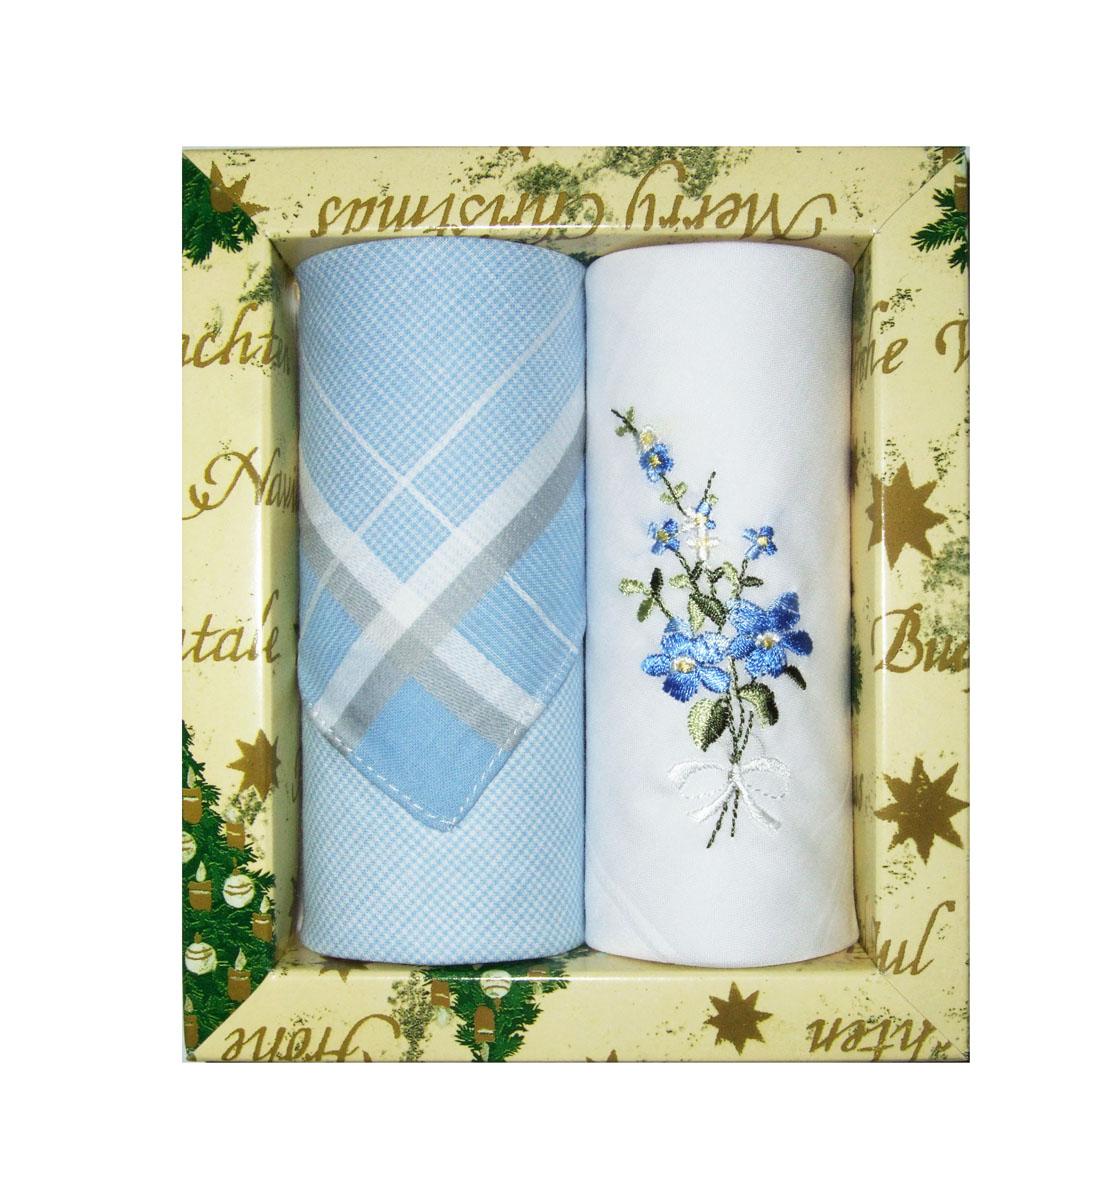 Платок носовой женский Zlata Korunka, цвет: голубой, белый, 2 шт. 67004. Размер 27 см х 27 см67004Небольшой женский носовой платок Zlata Korunka изготовлен из высококачественного натурального хлопка, благодаря чему приятен в использовании, хорошо стирается, не садится и отлично впитывает влагу. Практичный и изящный носовой платок будет незаменим в повседневной жизни любого современного человека. Такой платок послужит стильным аксессуаром и подчеркнет ваше превосходное чувство вкуса. В комплекте 2 платка.